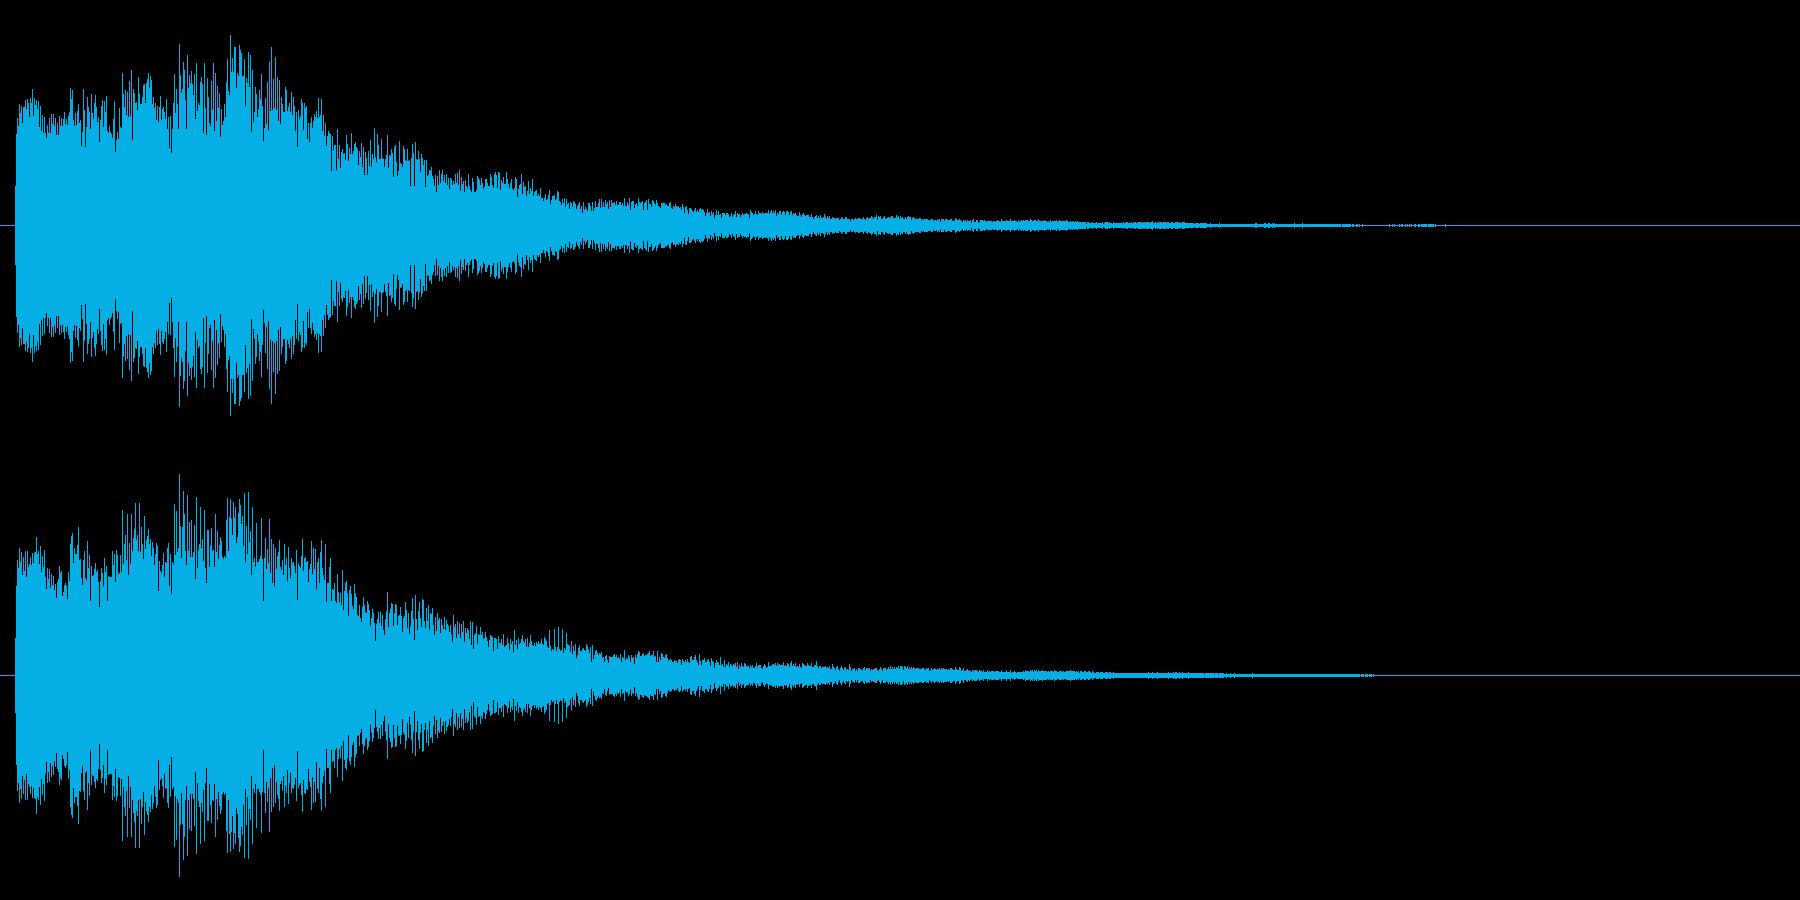 スタート音/宇宙/シューティング系の再生済みの波形